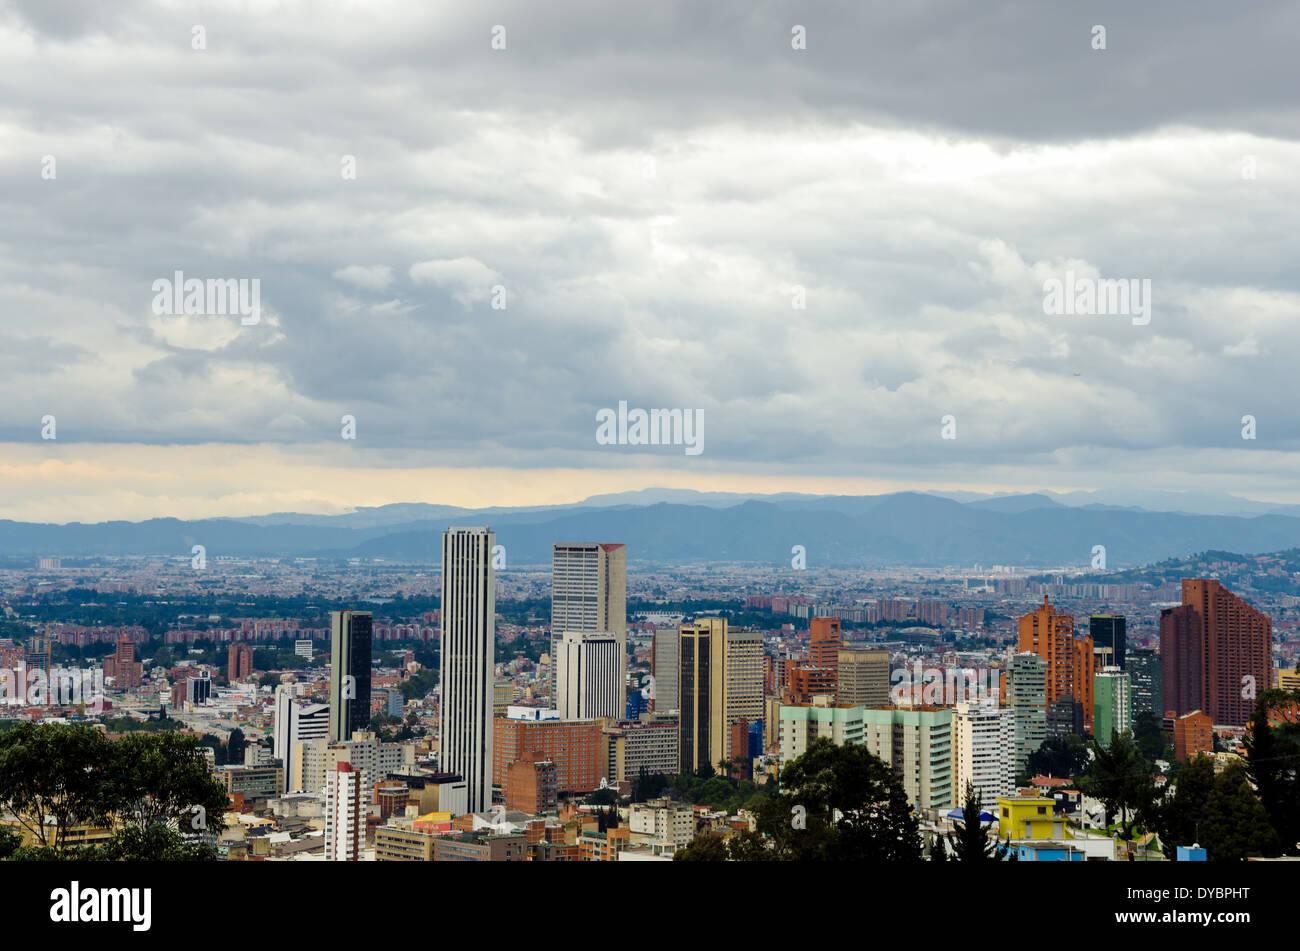 Grattacieli nel centro cittadino di Bogotà, Colombia Immagini Stock